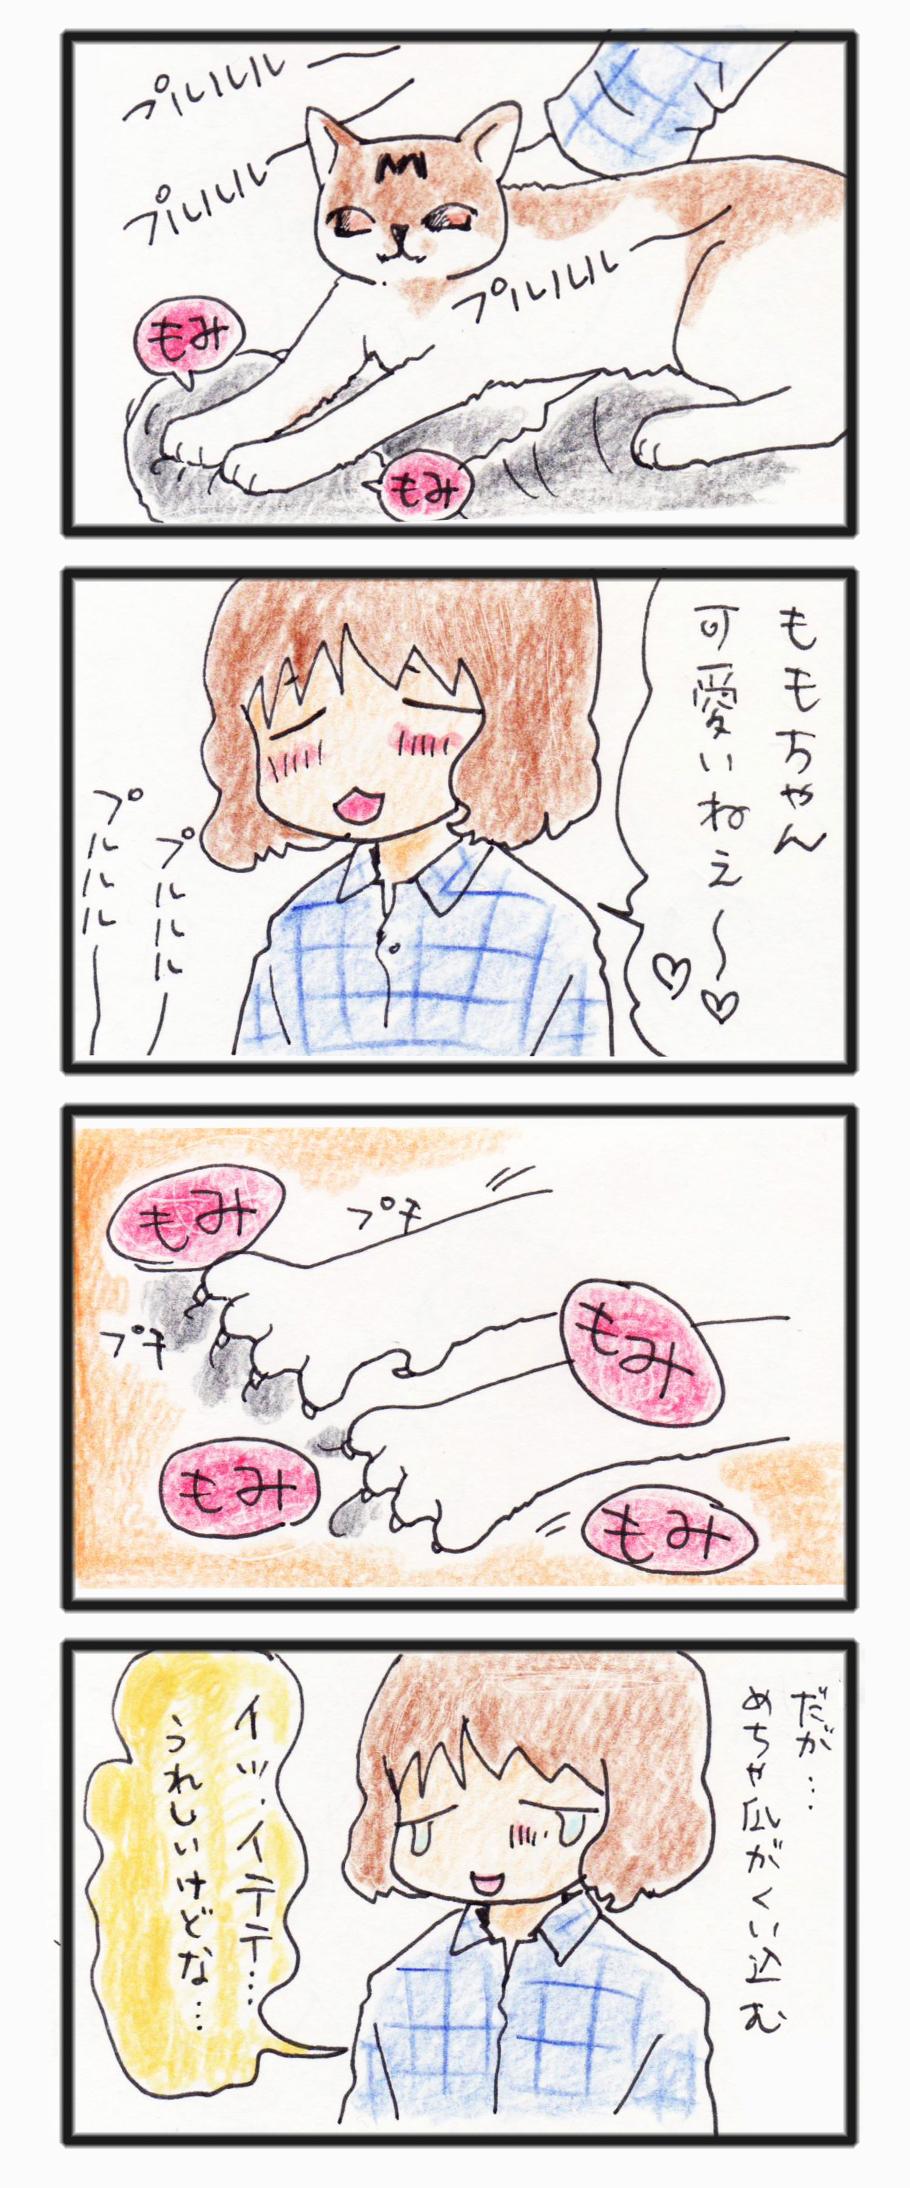 comic_4c_14032501.jpg